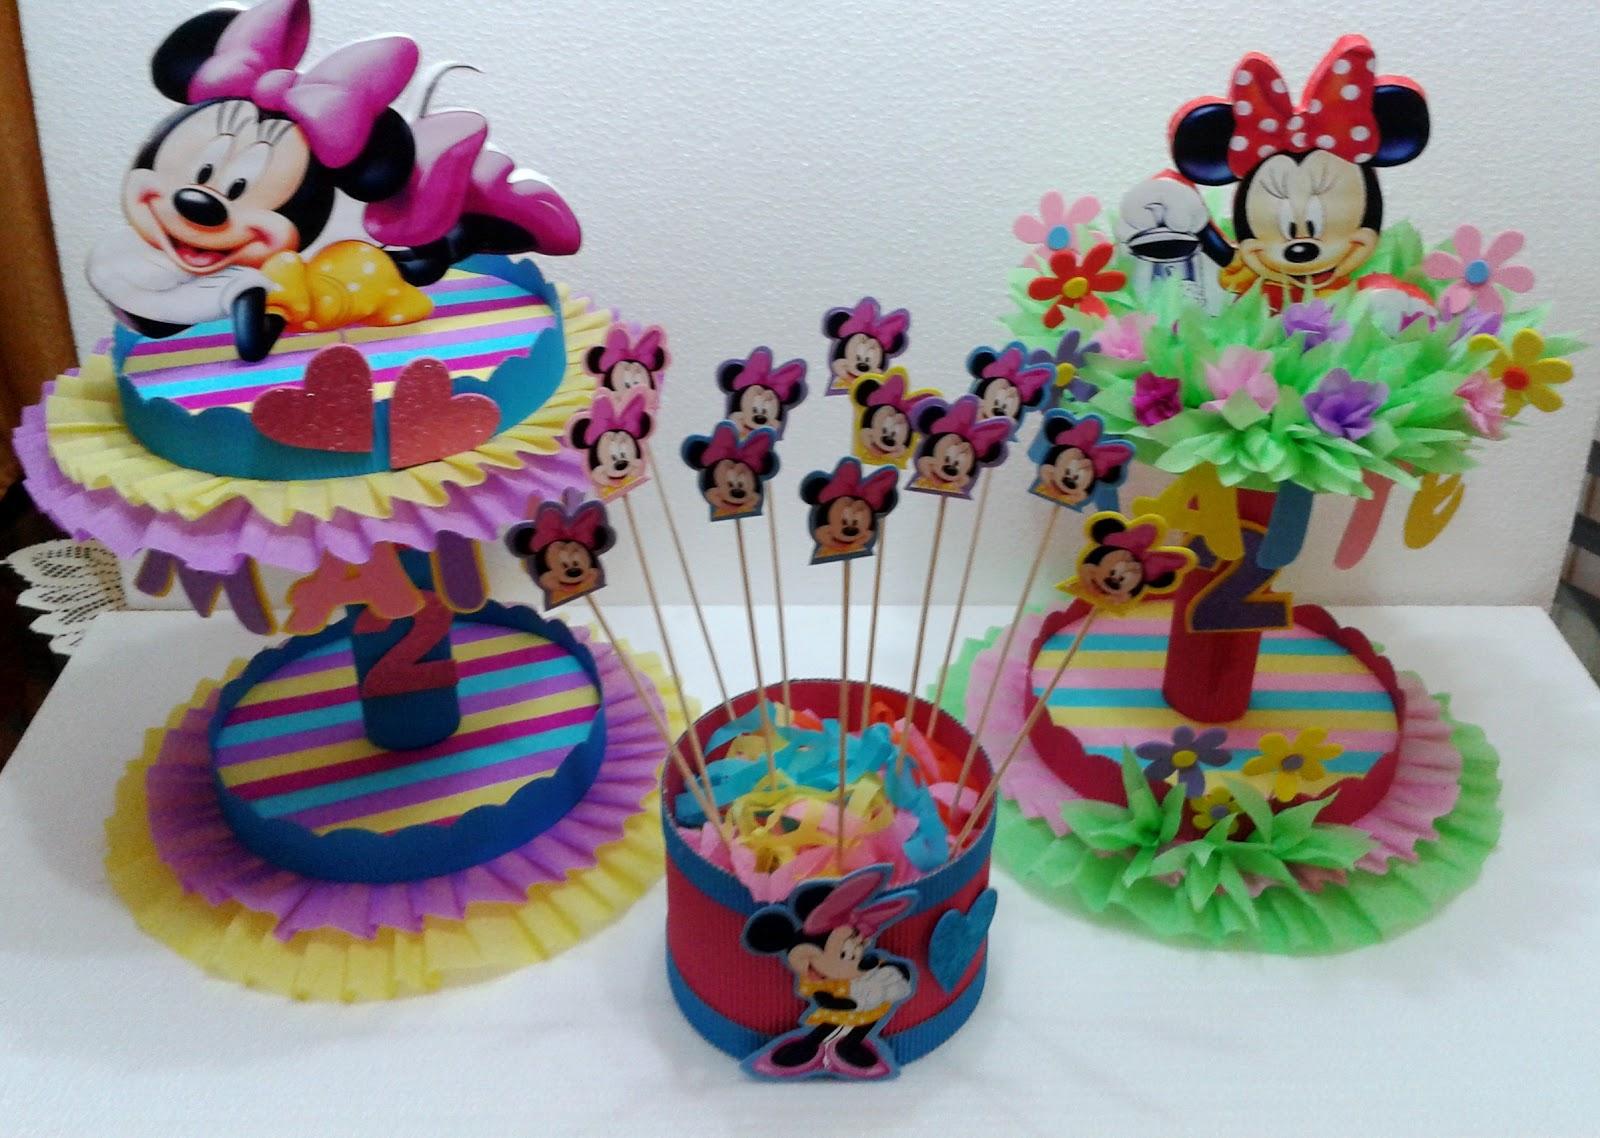 Decoraciones infantiles pack minnie mouse for Decoraciones infantiles